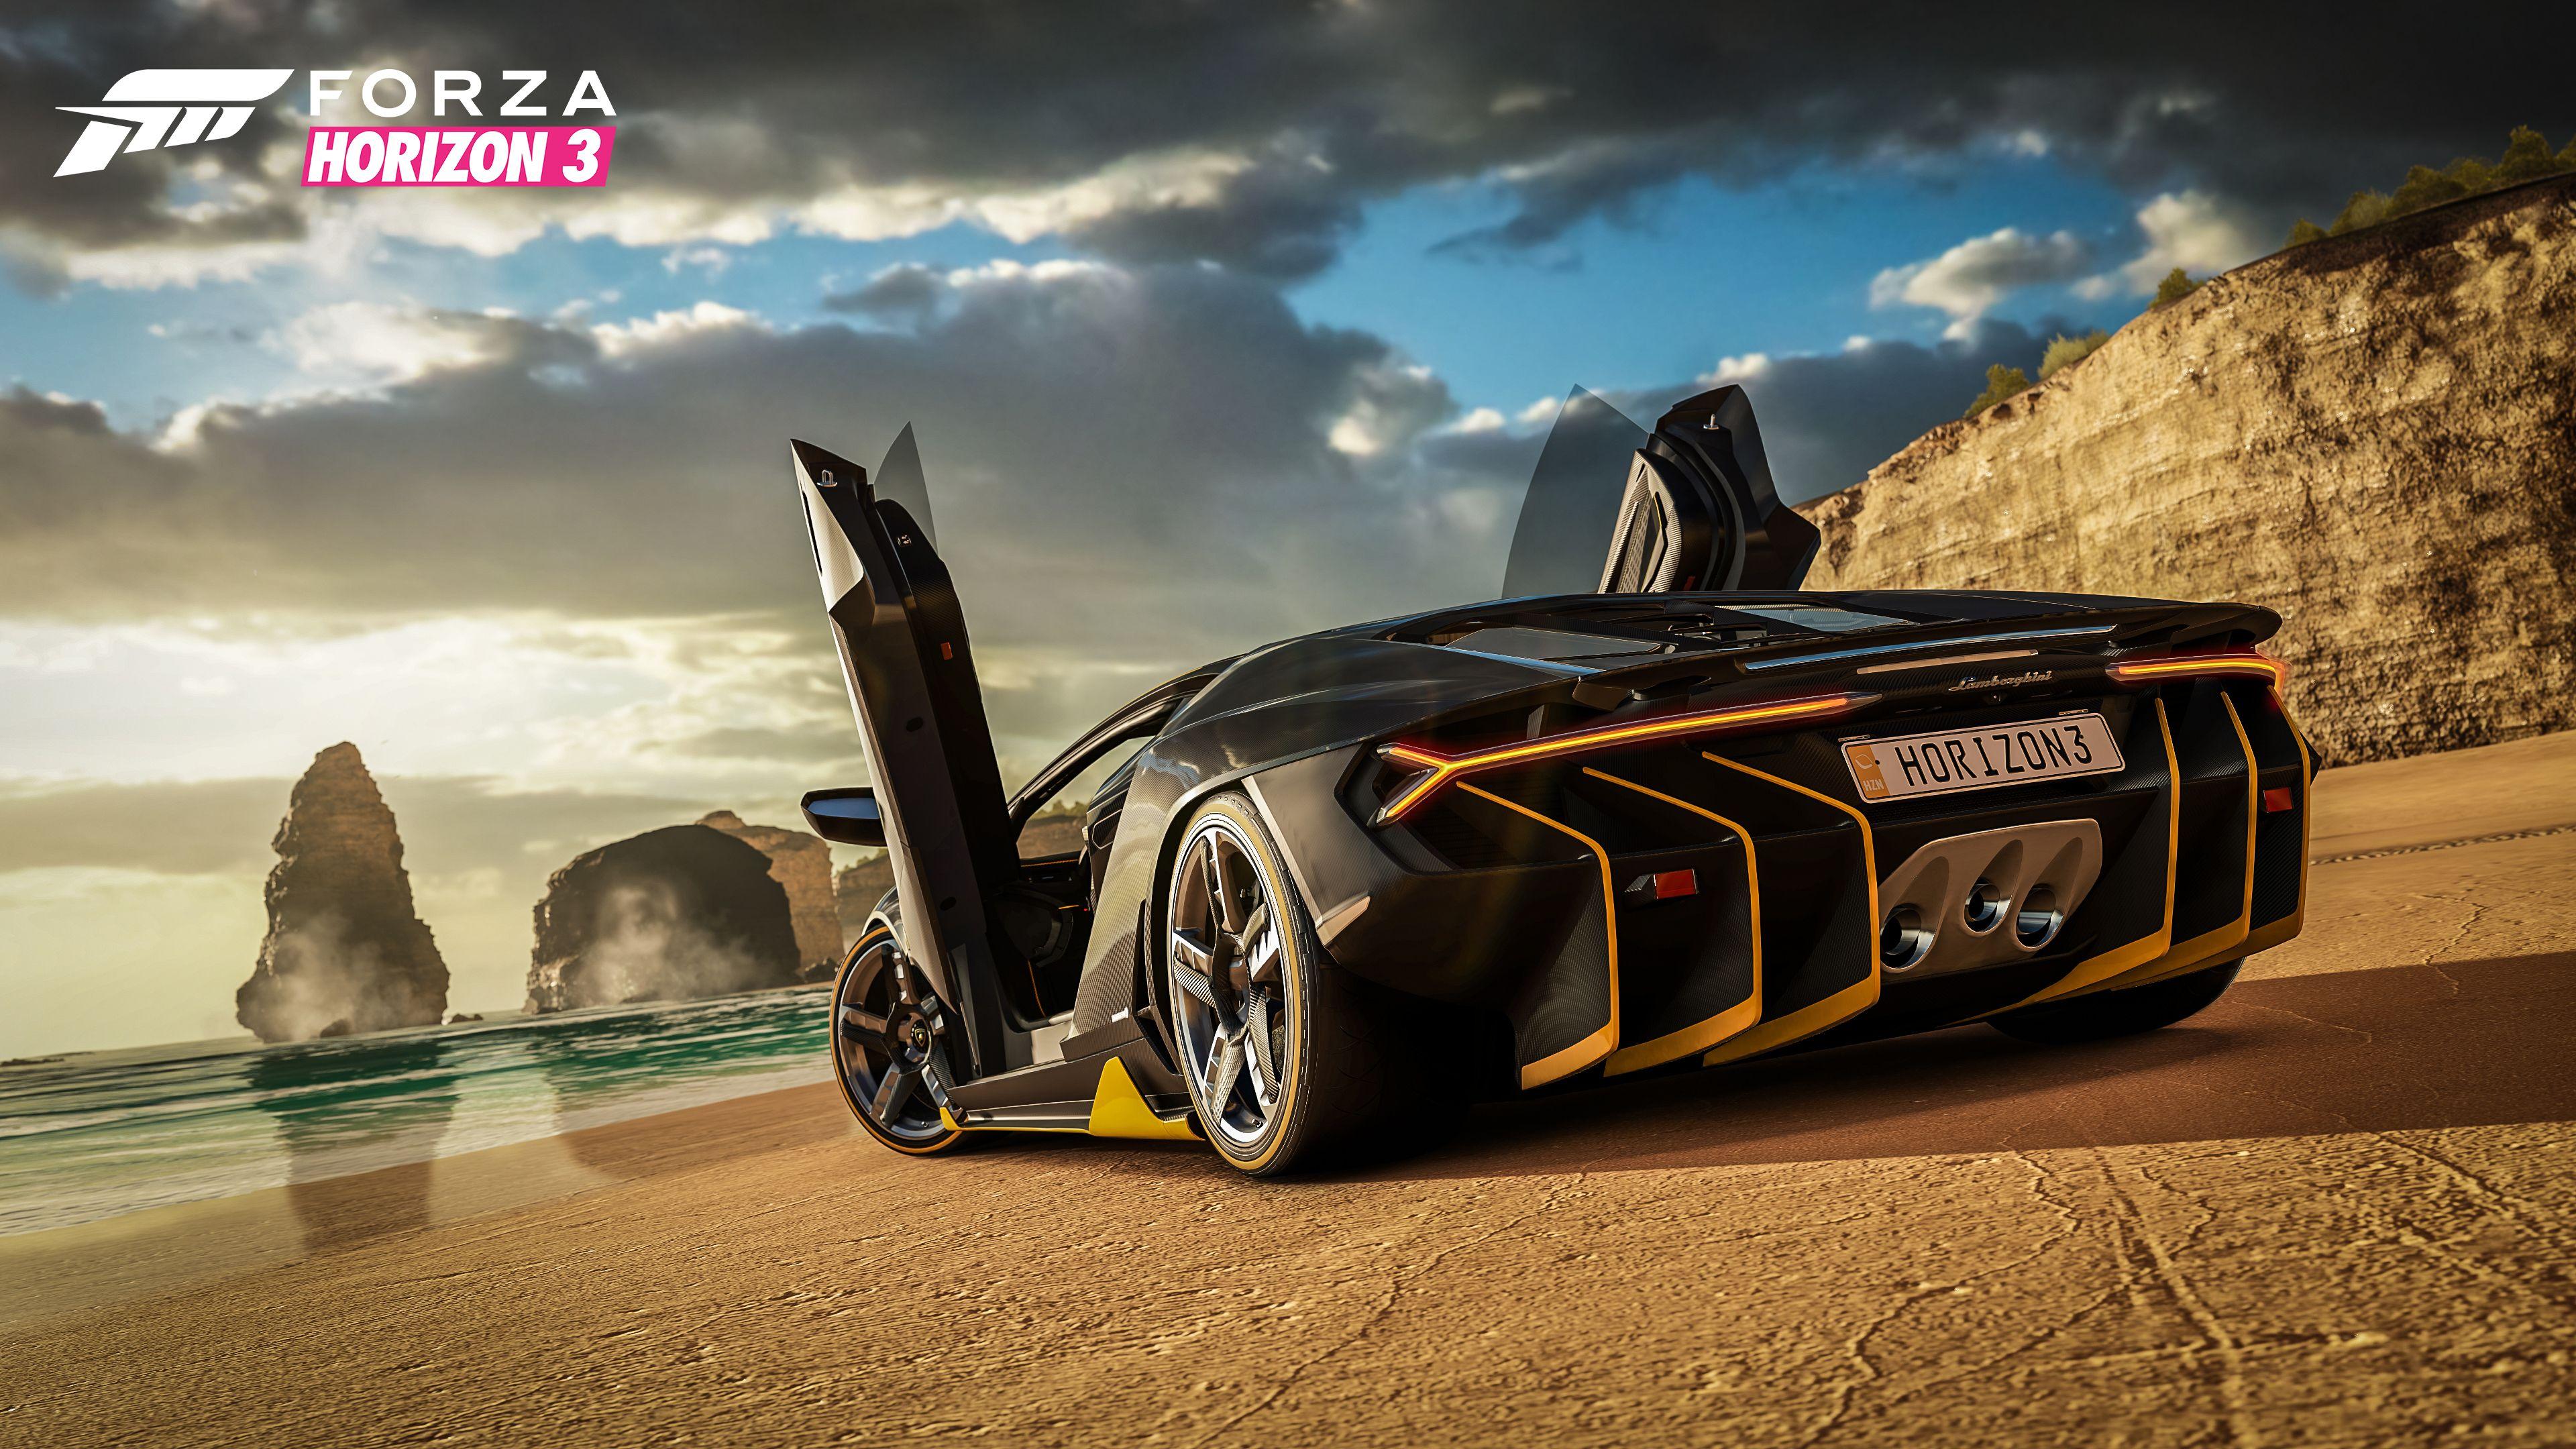 Byłem głupcem, wątpiąc w australijskie Forza Horizon 3. Dawno nie bawiłem się tak dobrze